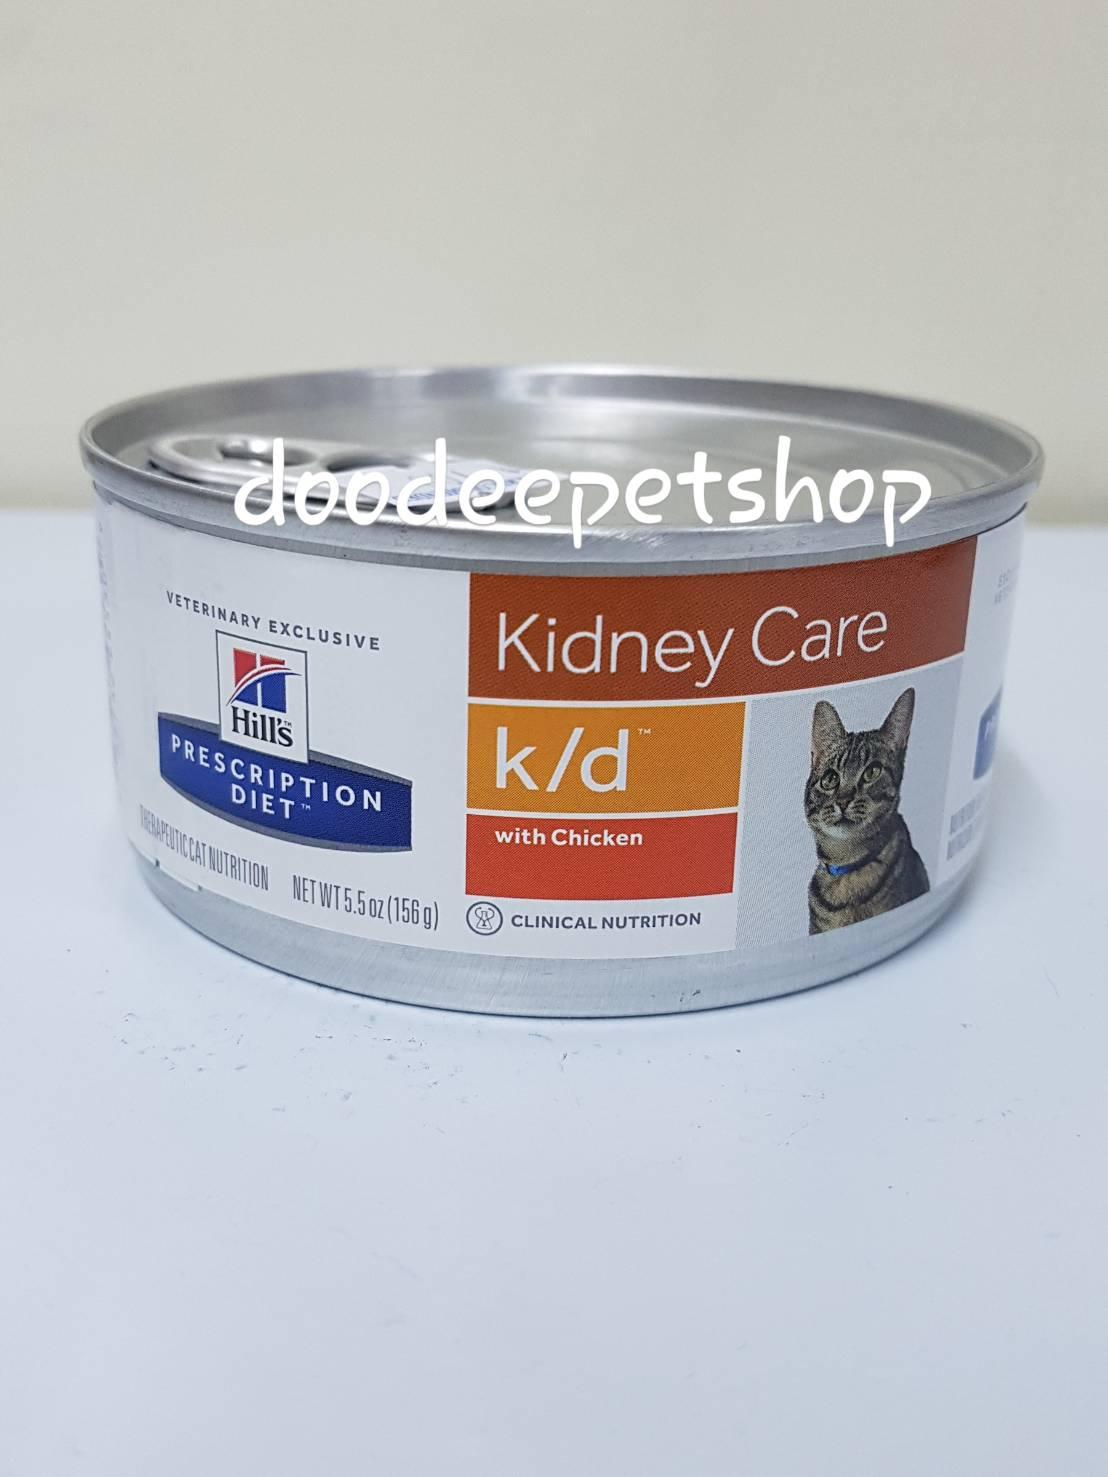 k/d อาหารเปียกแมวแบบ กระป๋อง ประกอบการรักษาไตแมว (จำนวน 24 กระป๋อง)